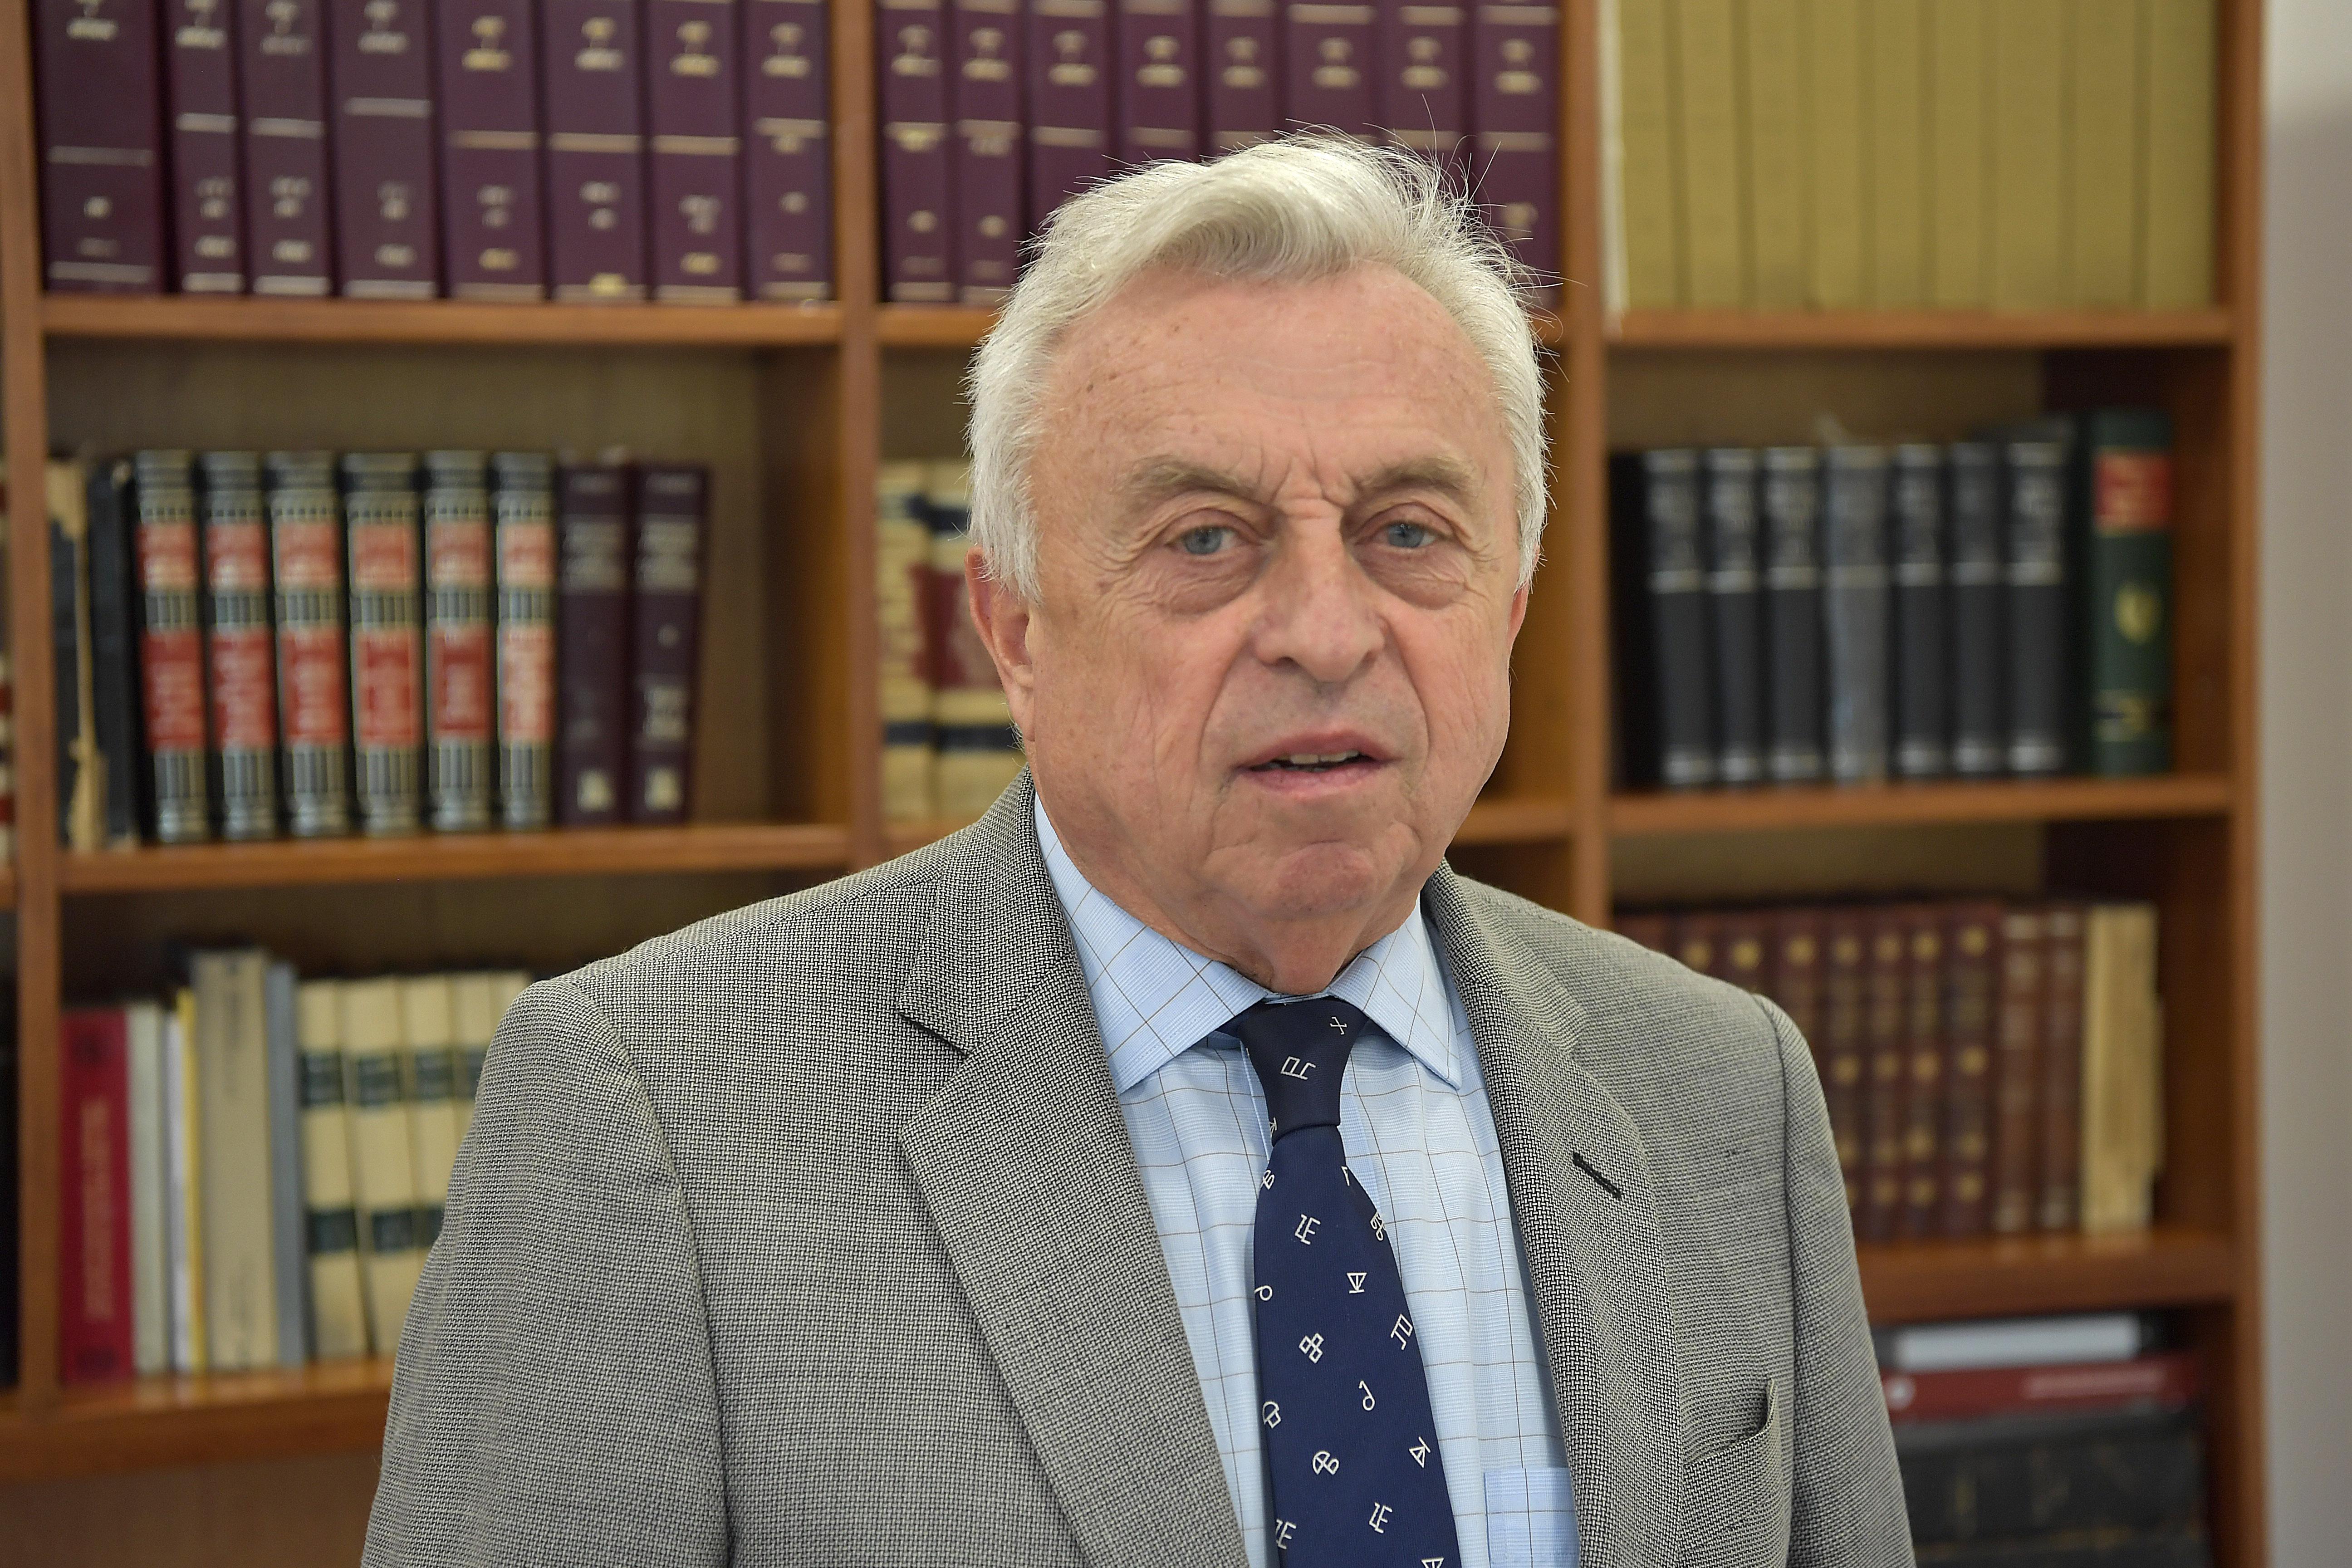 Dr. Germán Carlomagno